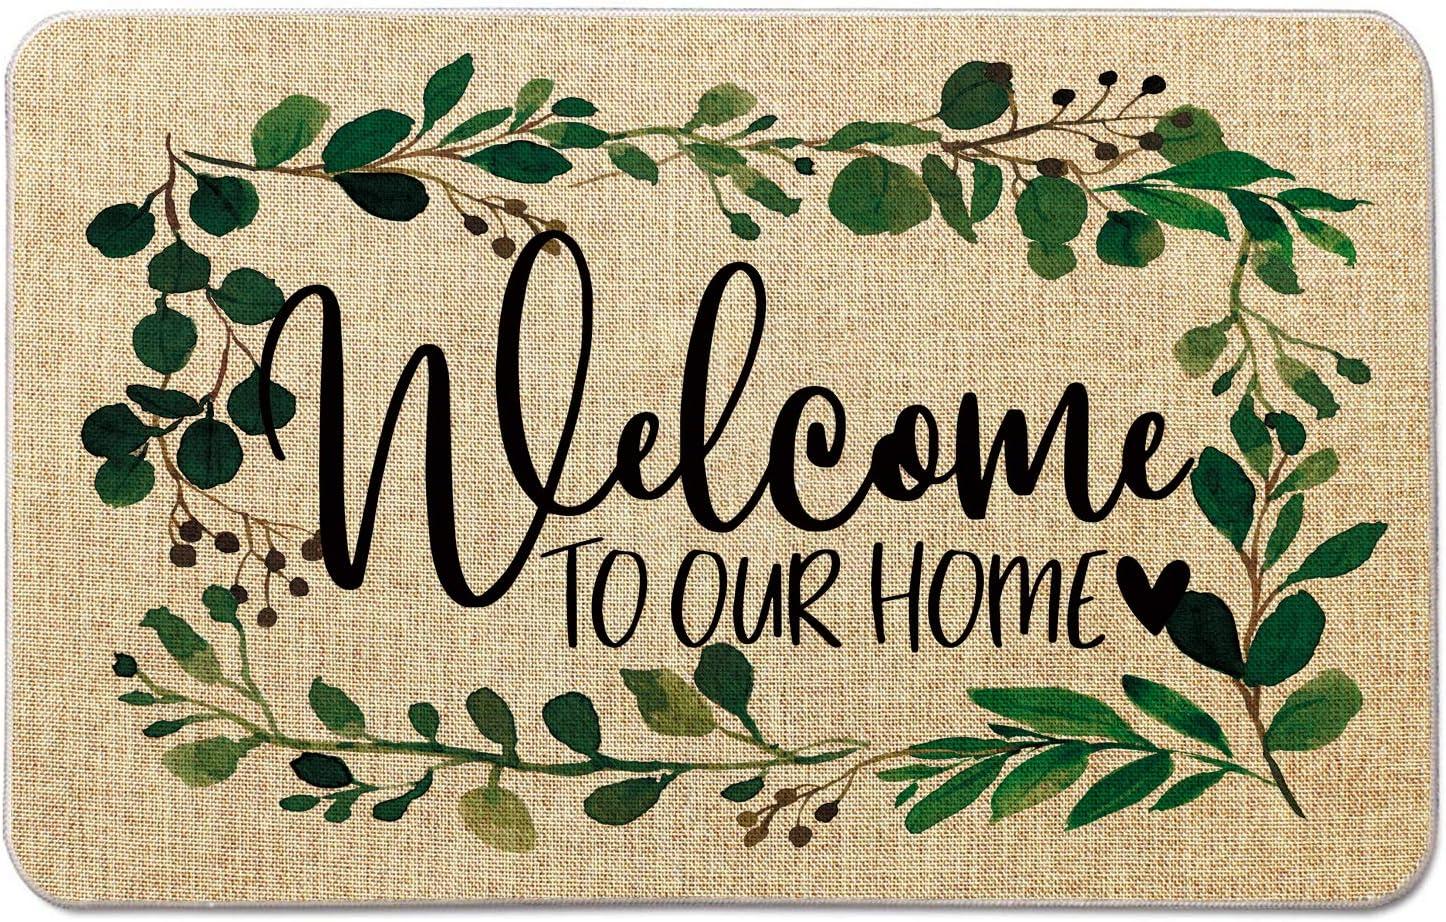 Welcome Mat for Front Door Farmhouse Rustic Decorative Entryway Outdoor Floor Doormat Durable Burlap Outdoor Rug | Welcome to Our Home